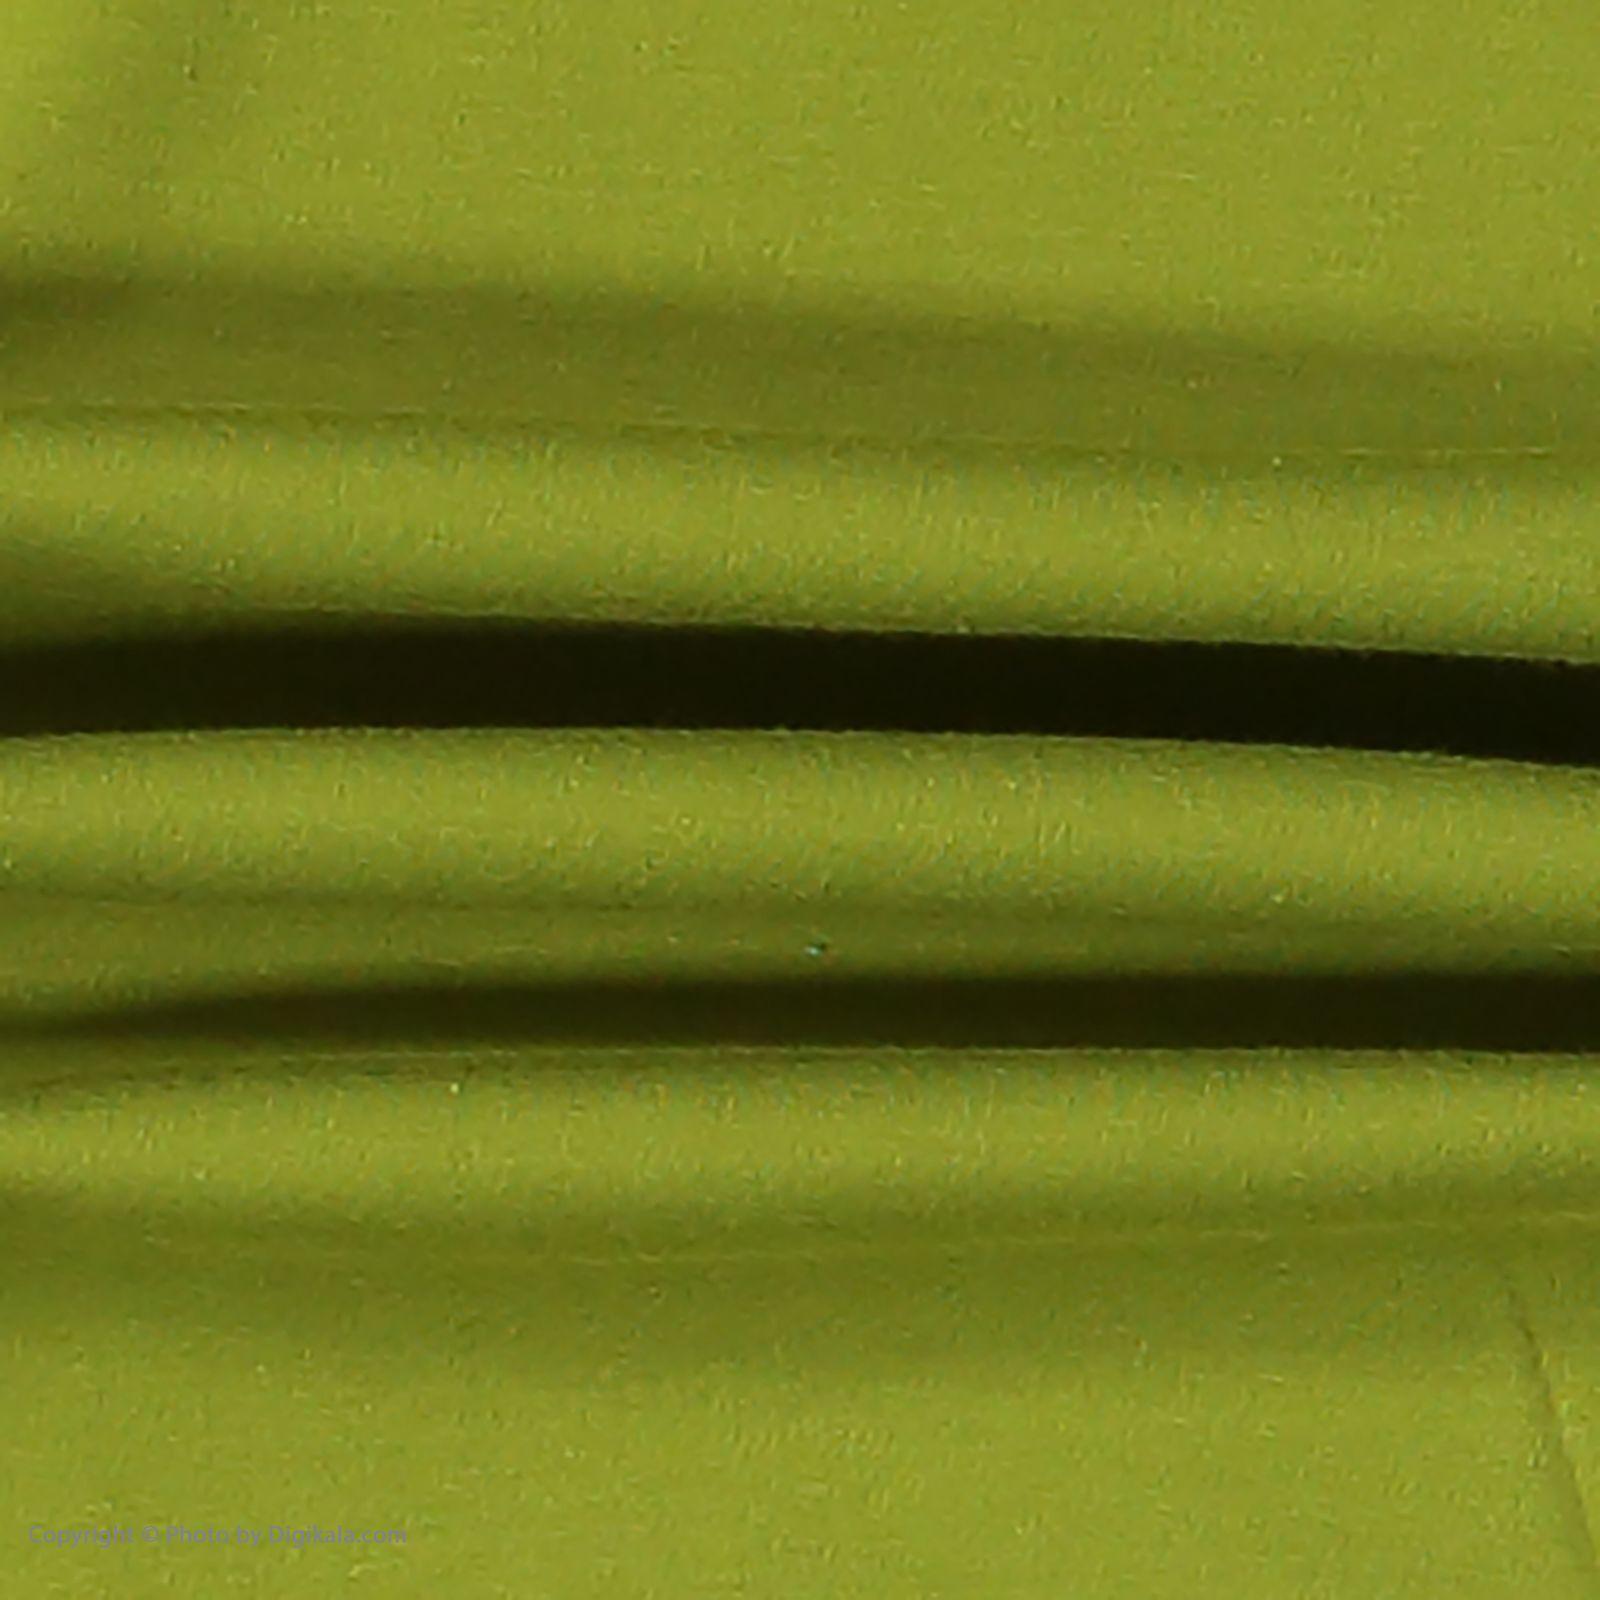 ست تی شرت و شلوار پسرانه مادر مدل 307-42 main 1 10